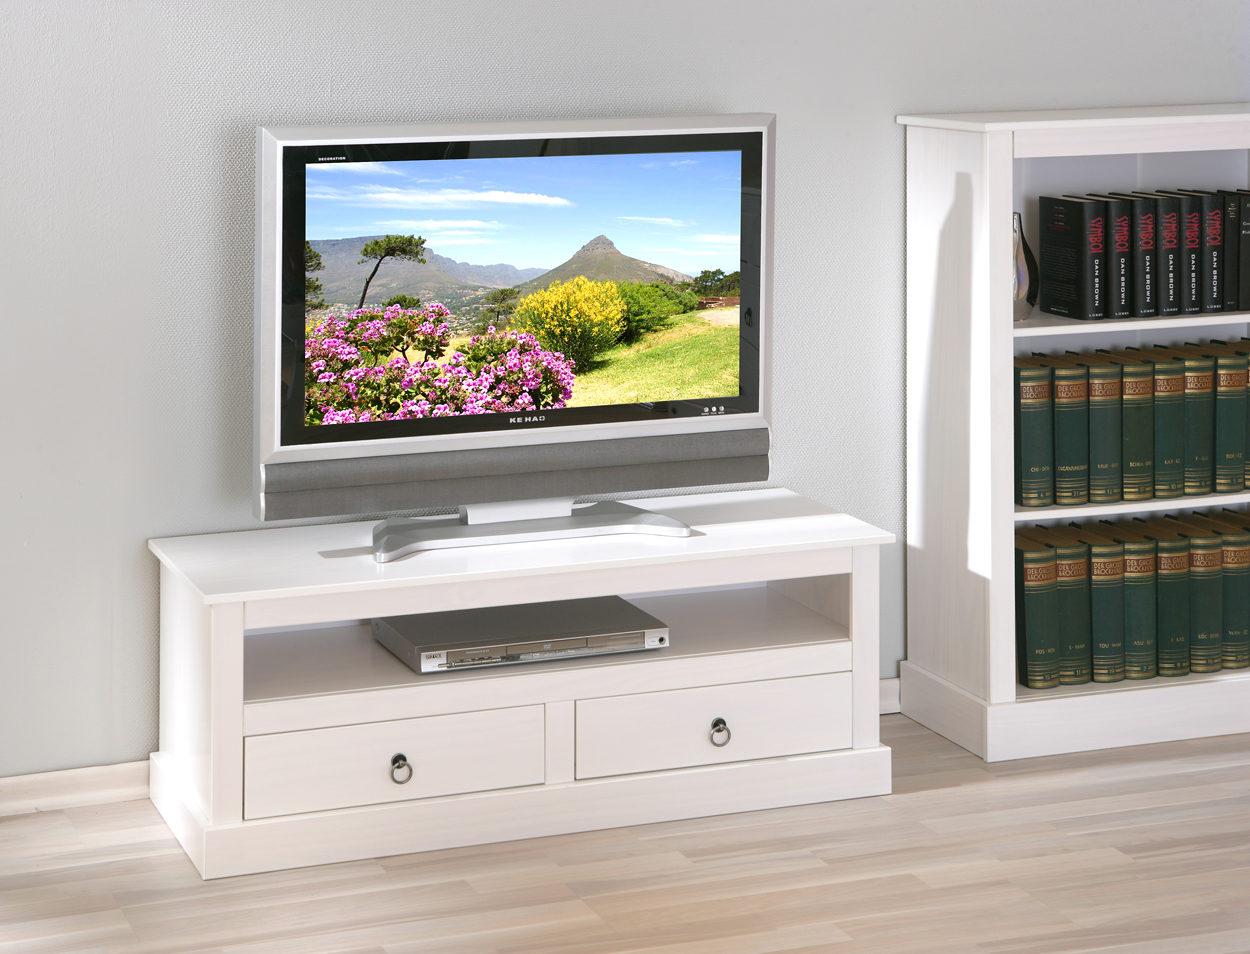 Tv Schrank Provence Ein Praktisches Tv Mobel Weiss Lackiertes